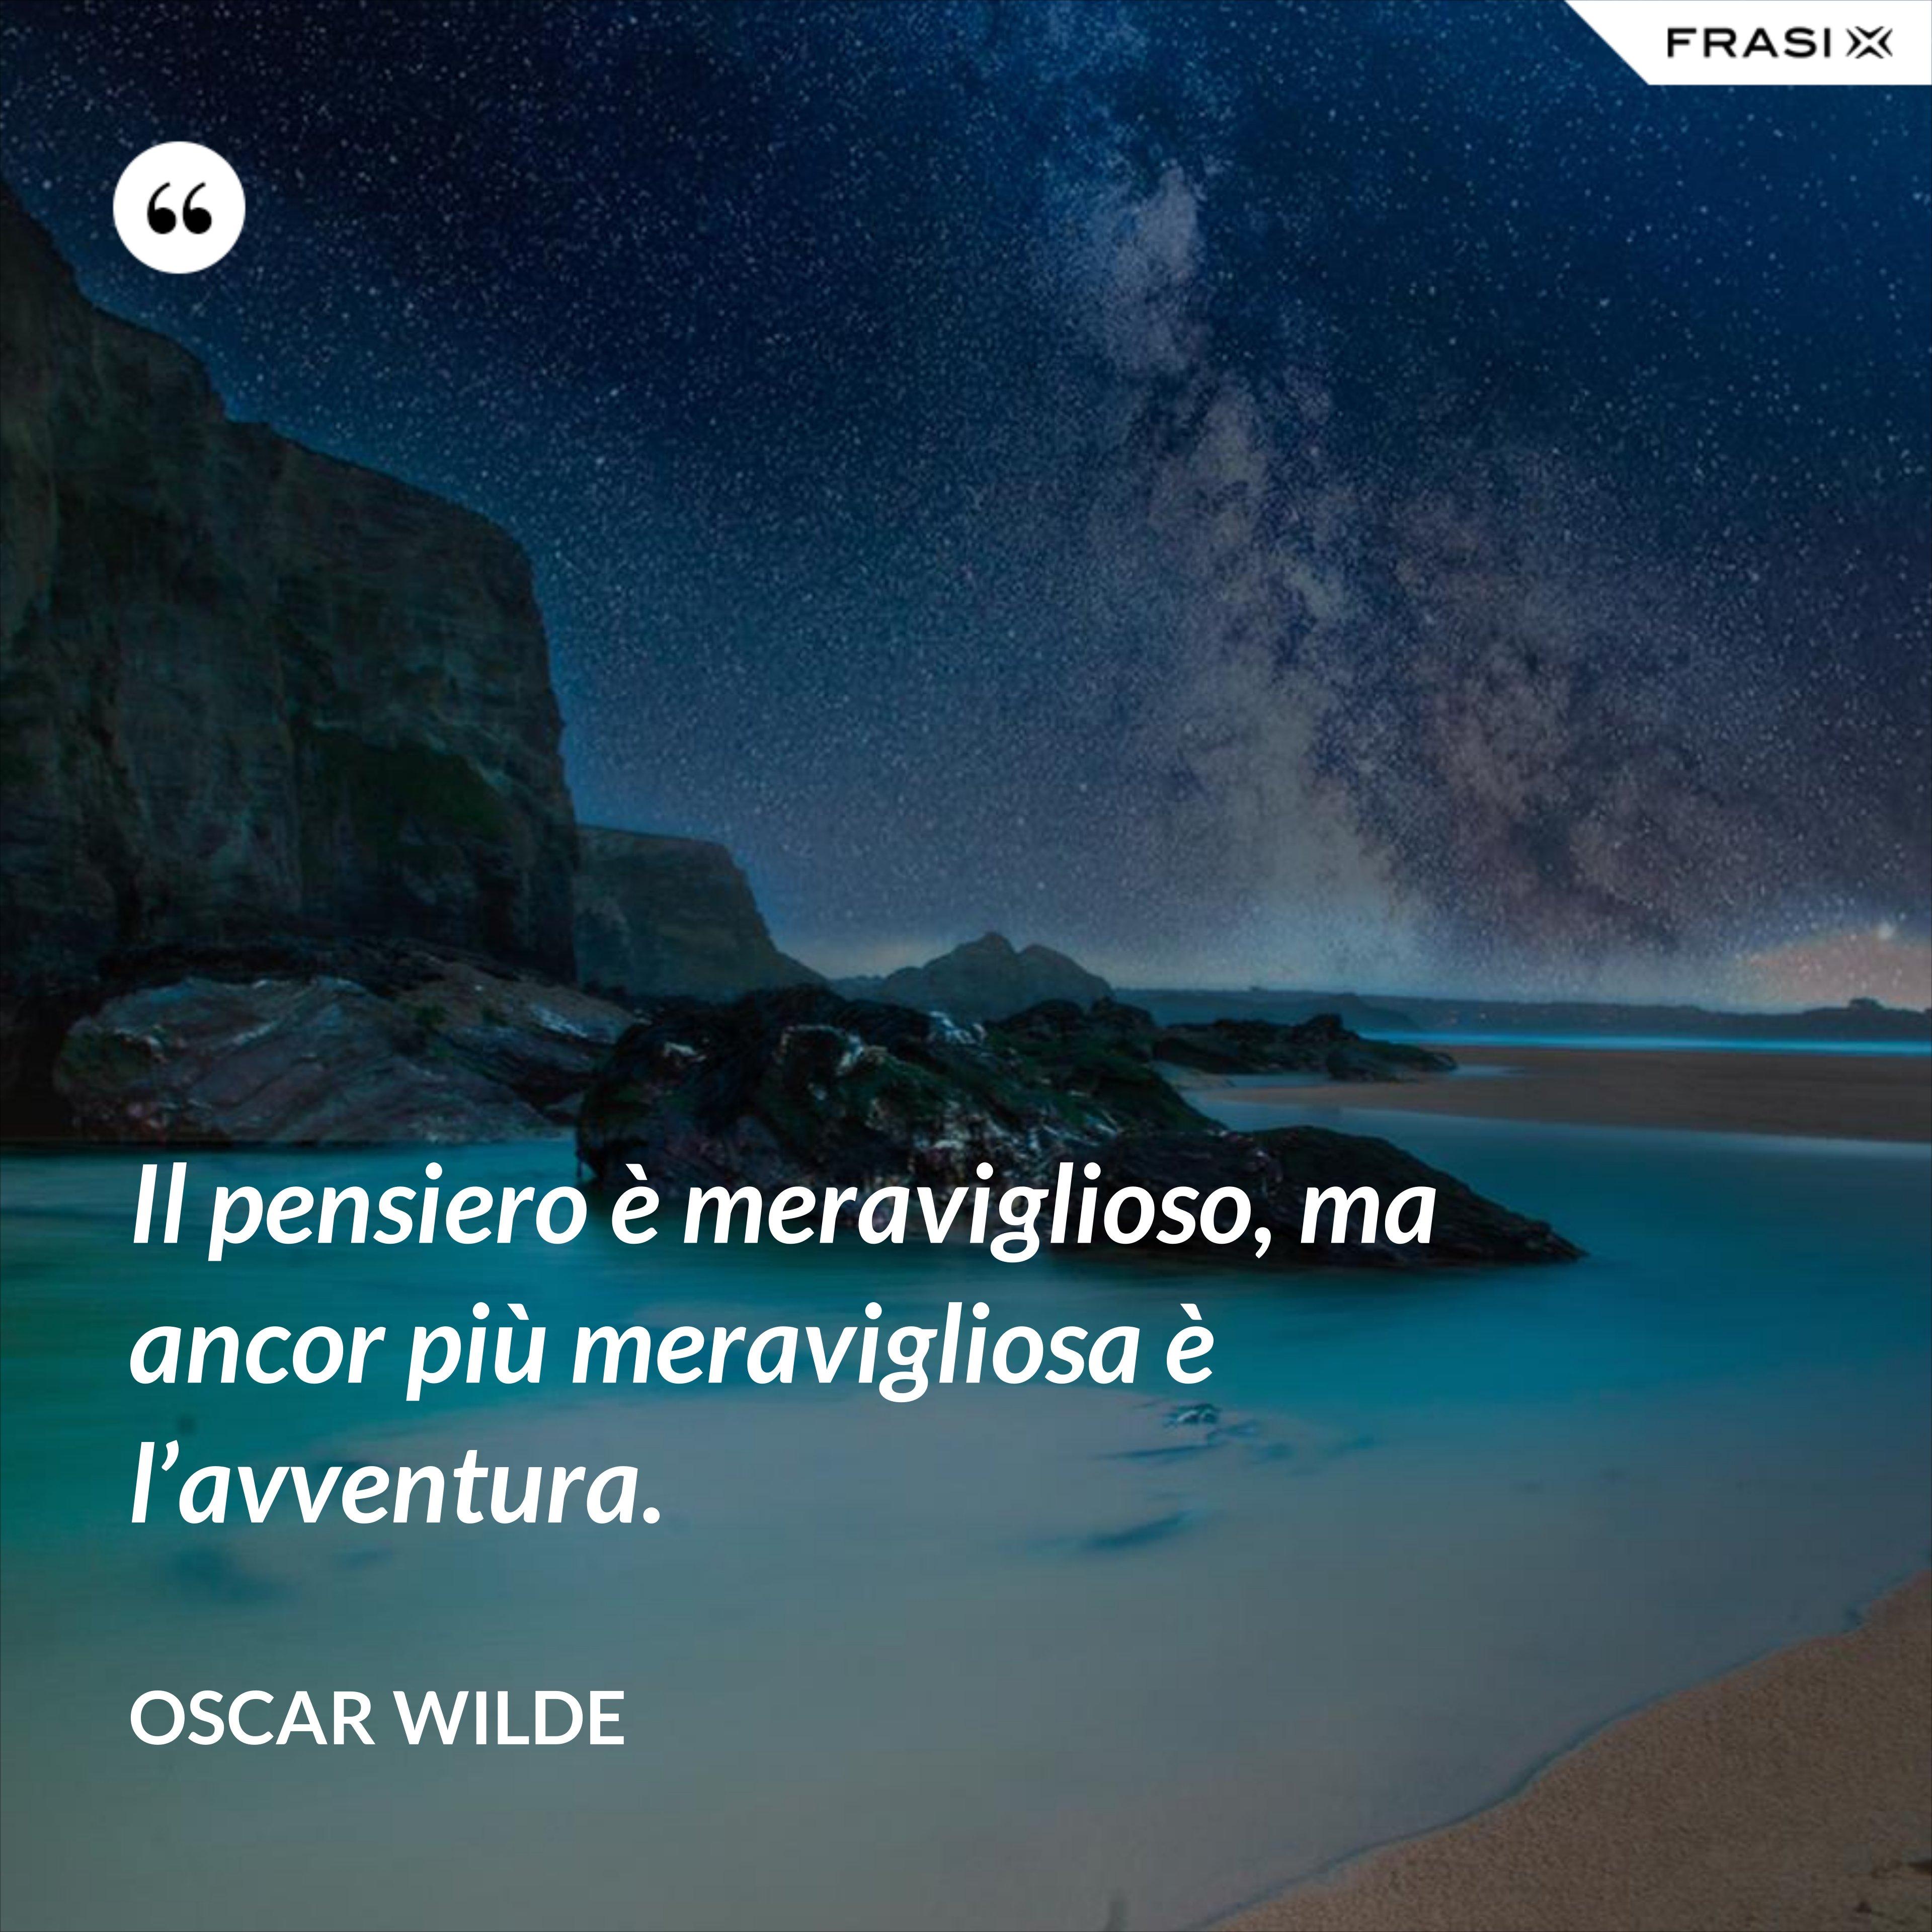 Il pensiero è meraviglioso, ma ancor più meravigliosa è l'avventura. - Oscar Wilde